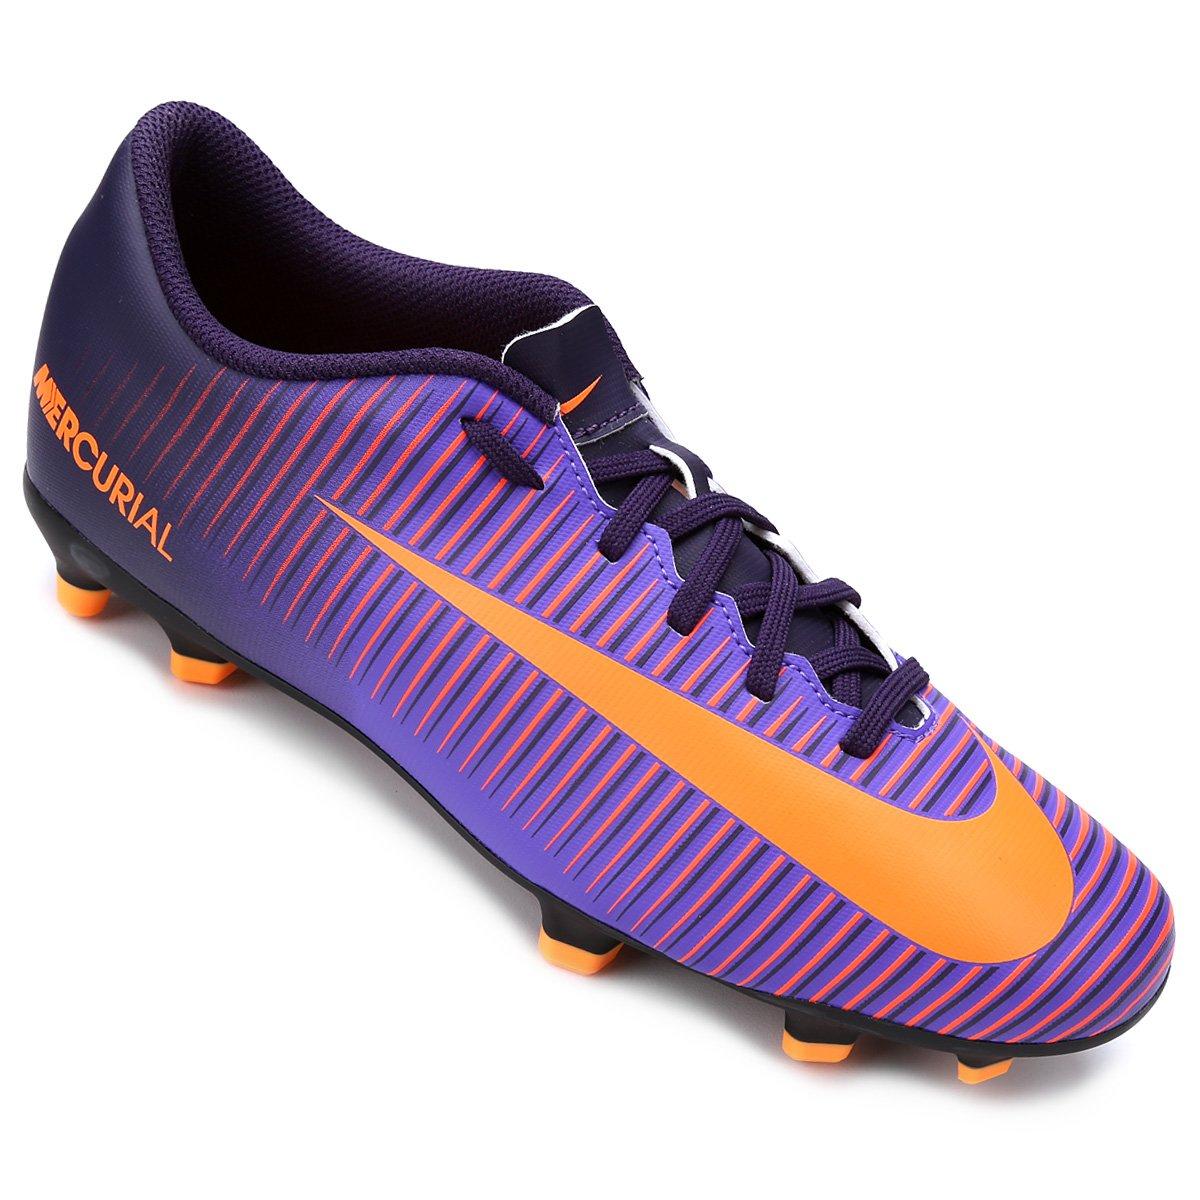 Chuteira Campo Nike Mercurial Vortex 3 FG fd0119a9f1829